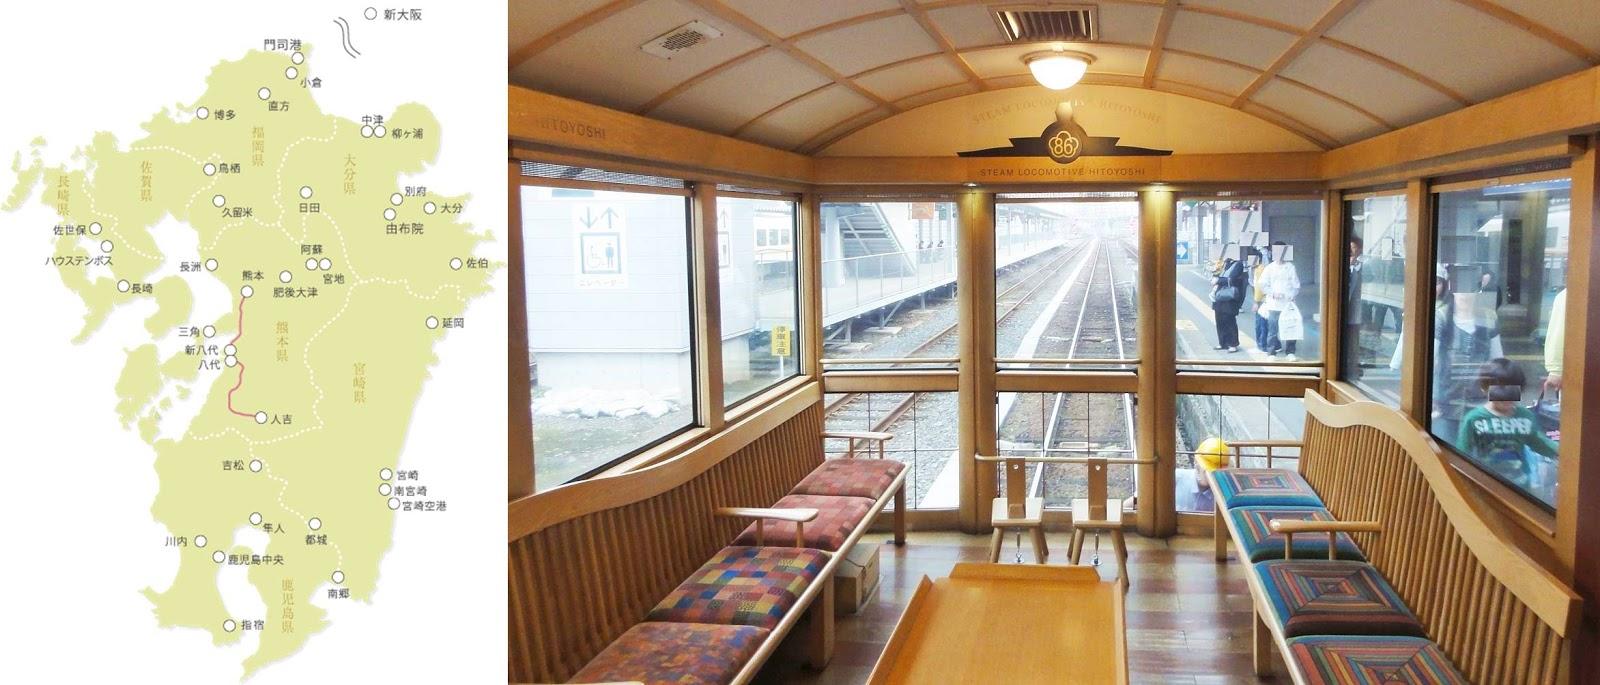 九州-特色觀光列車-推薦-D&S列車-SL人吉-攻略-特色列車預訂-觀光列車-火車-JR-交通-Kyushu